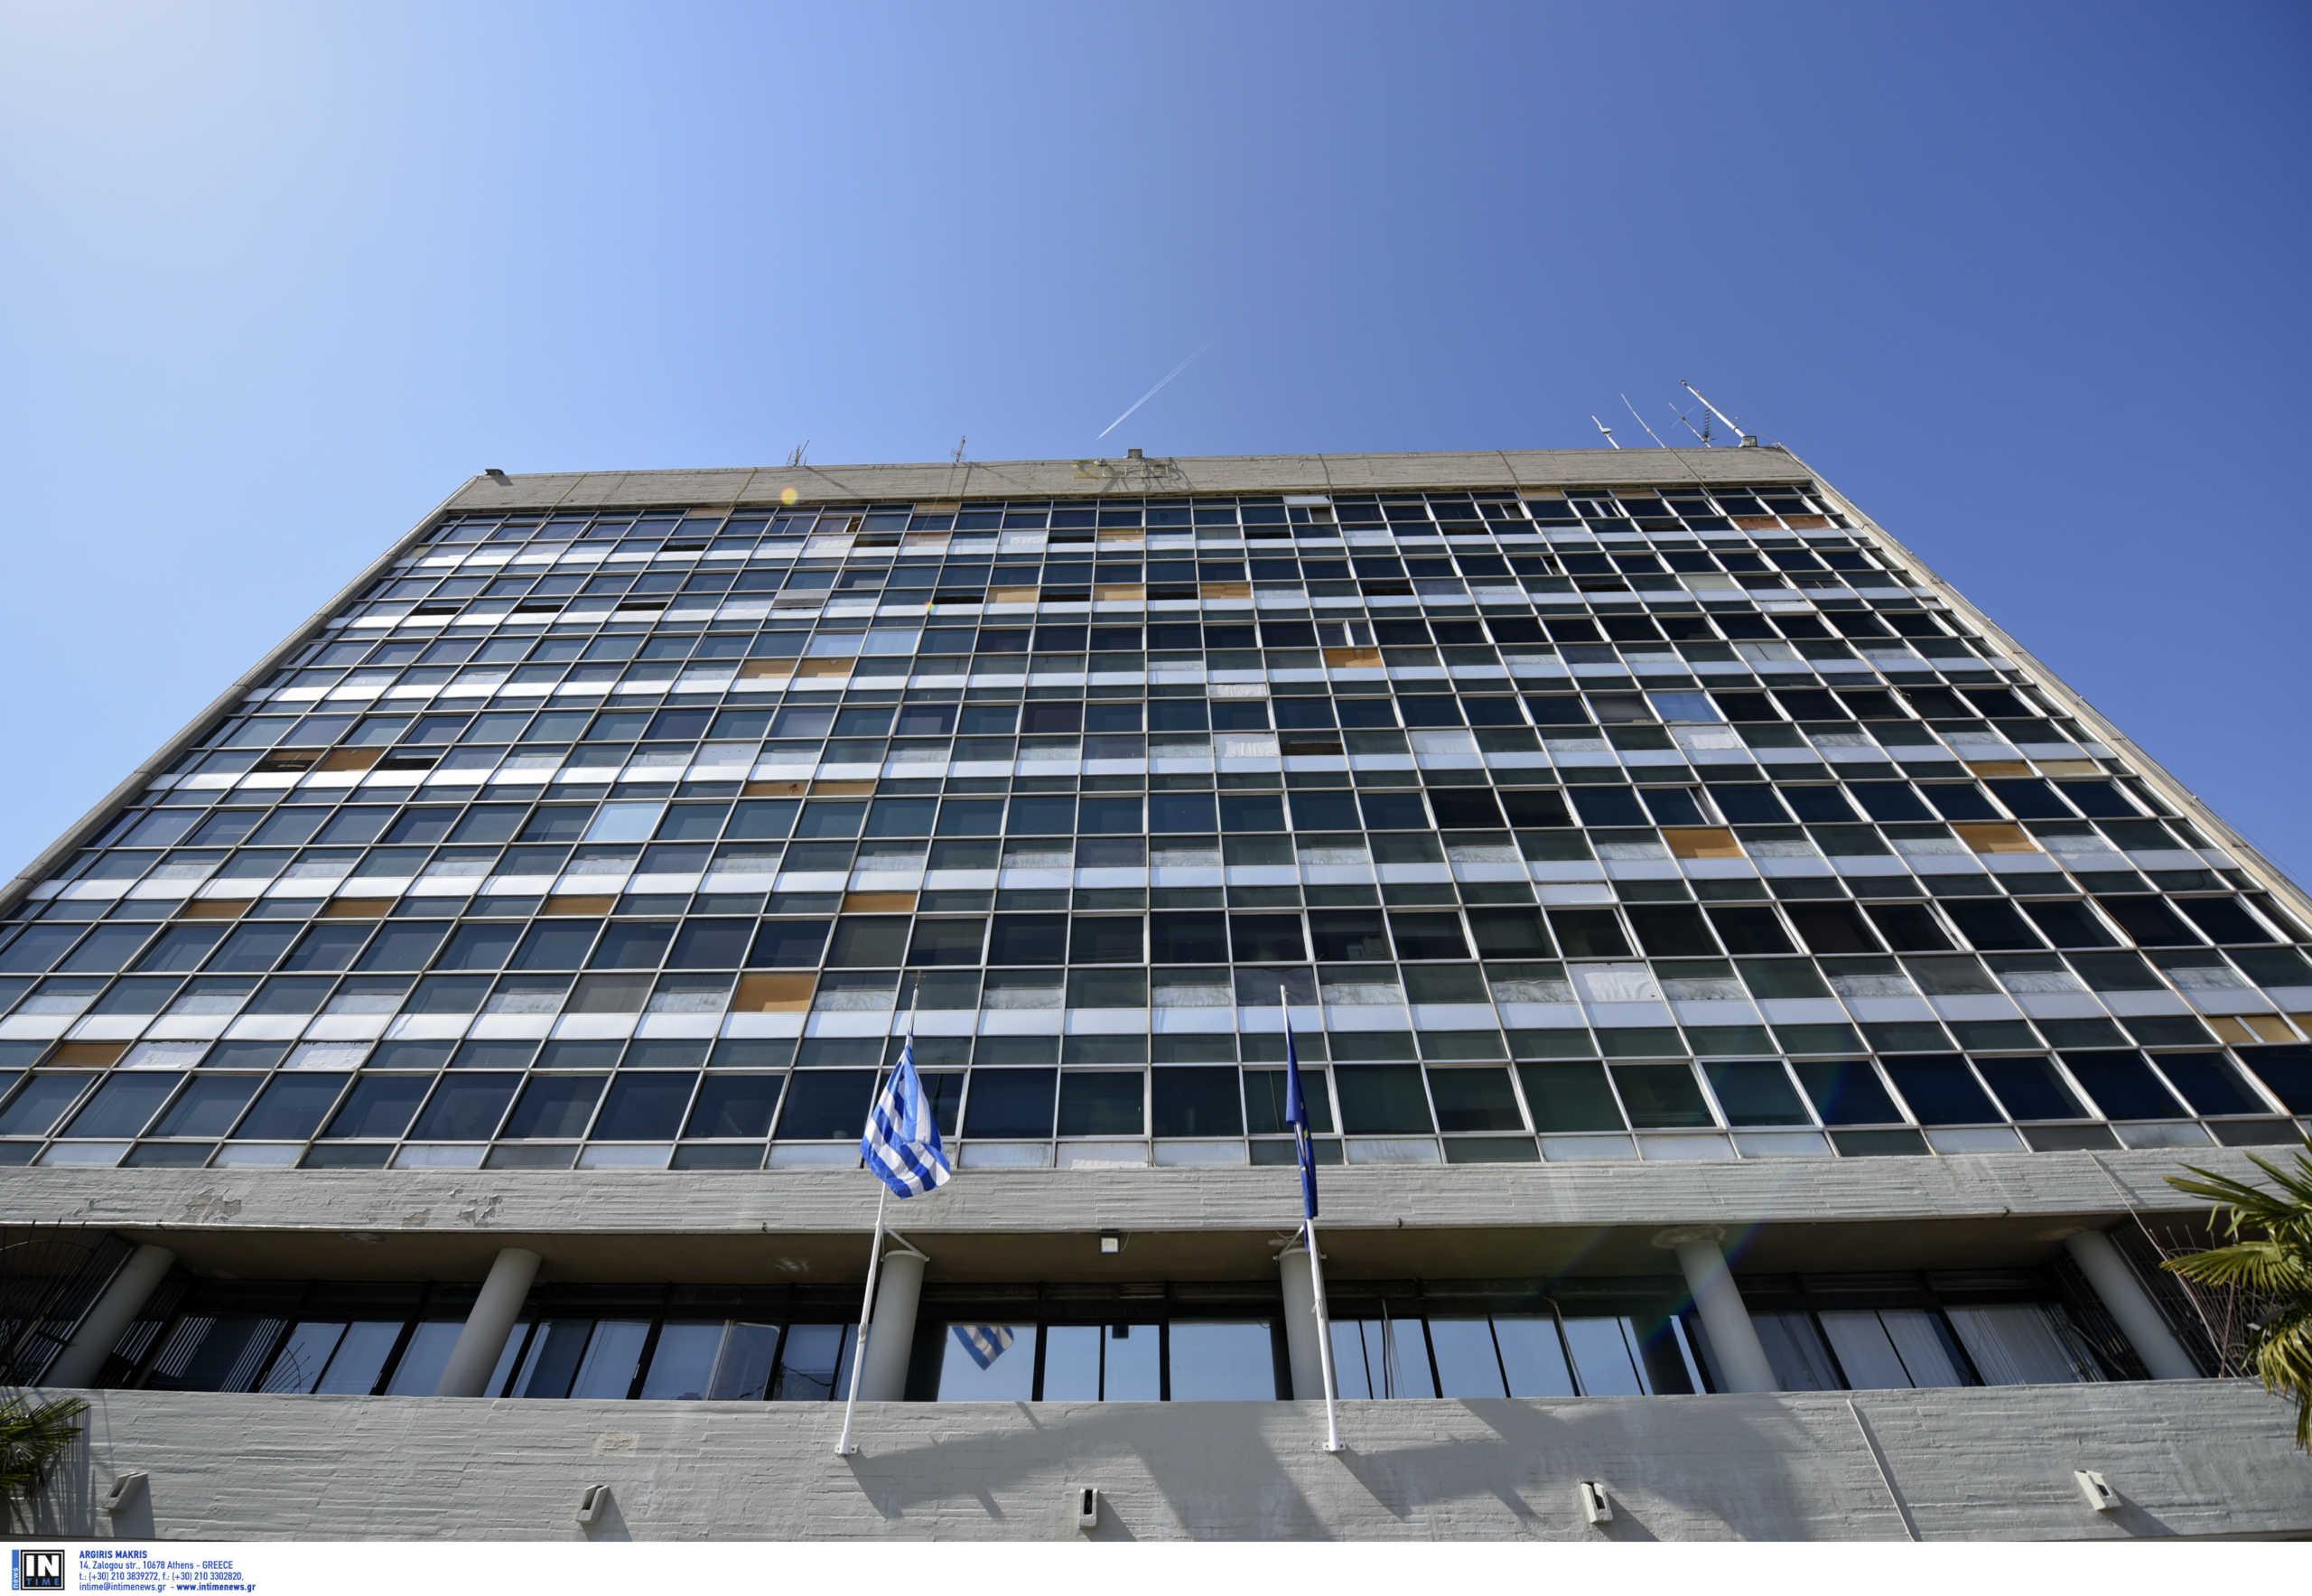 Θεσσαλονίκη – Κορονοϊός: Νόσησε ανεμβολίαστος φοιτητής του ΑΠΘ – Συναγερμός για το πρώτο κρούσμα